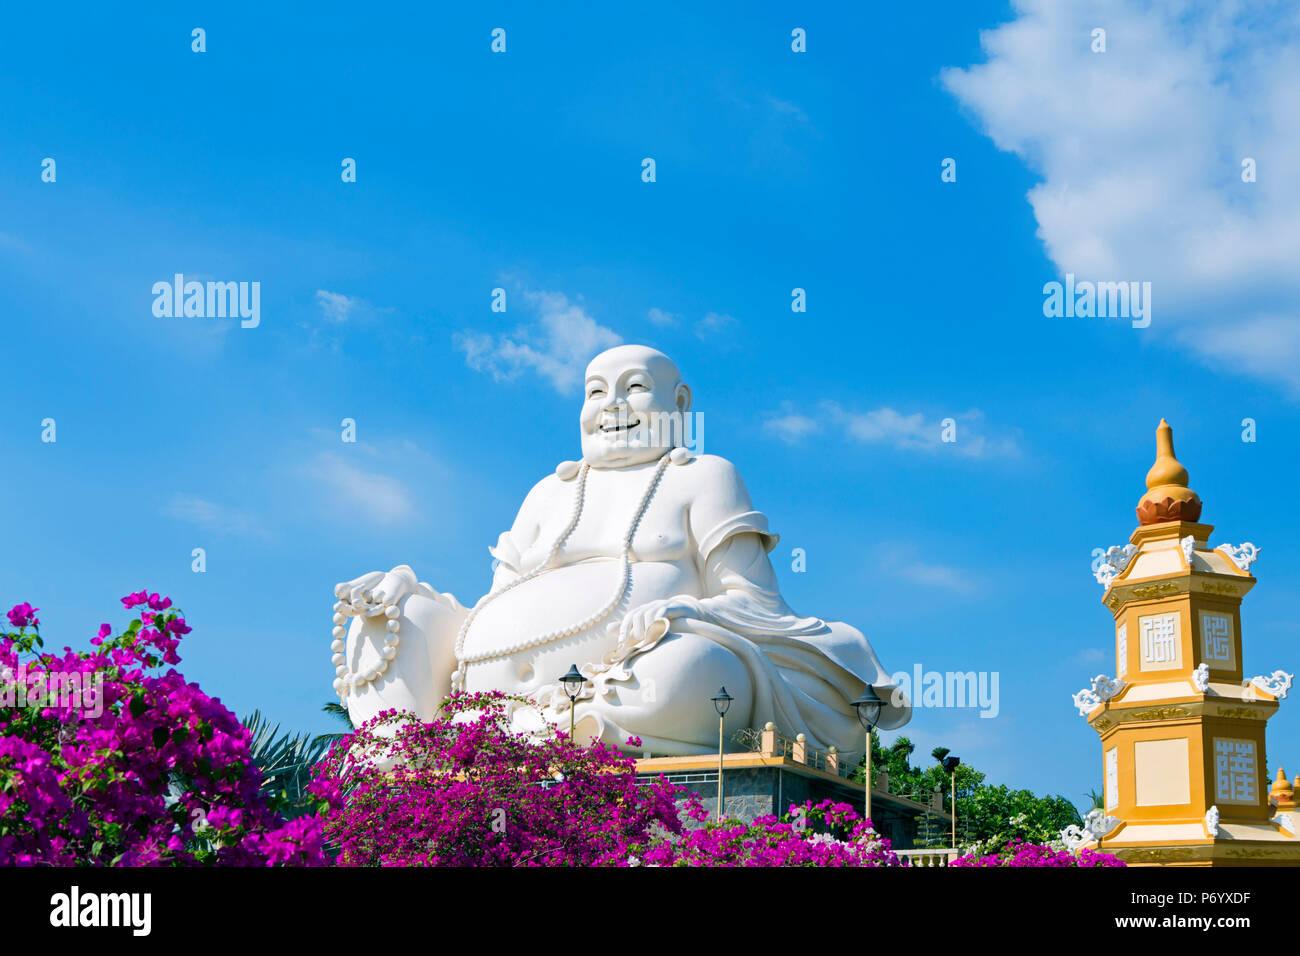 L'Asie, l'Asie du Sud Est, le Vietnam, le delta du Mékong, My Tho, Vinh Trang, temple bouddhiste Photo Stock